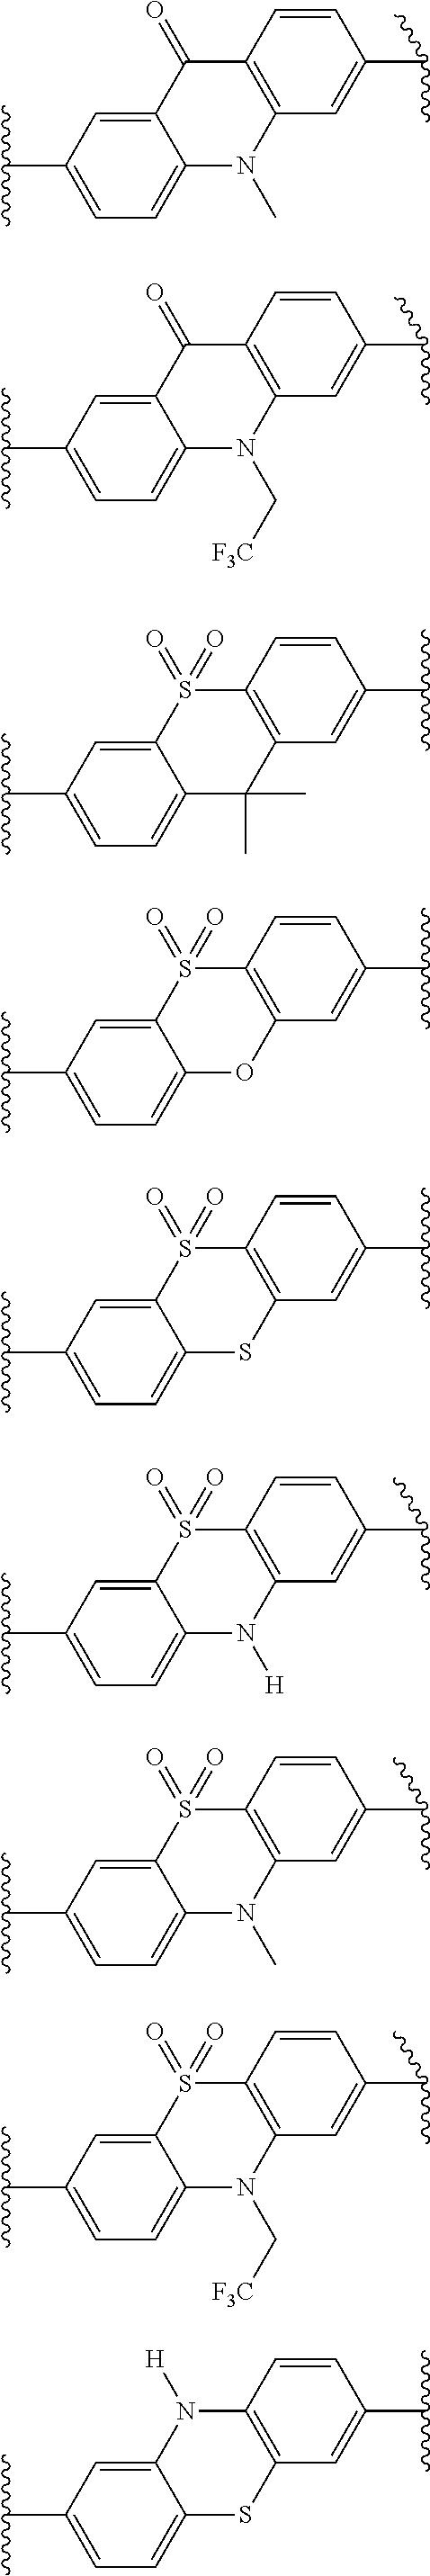 Figure US08841278-20140923-C00111